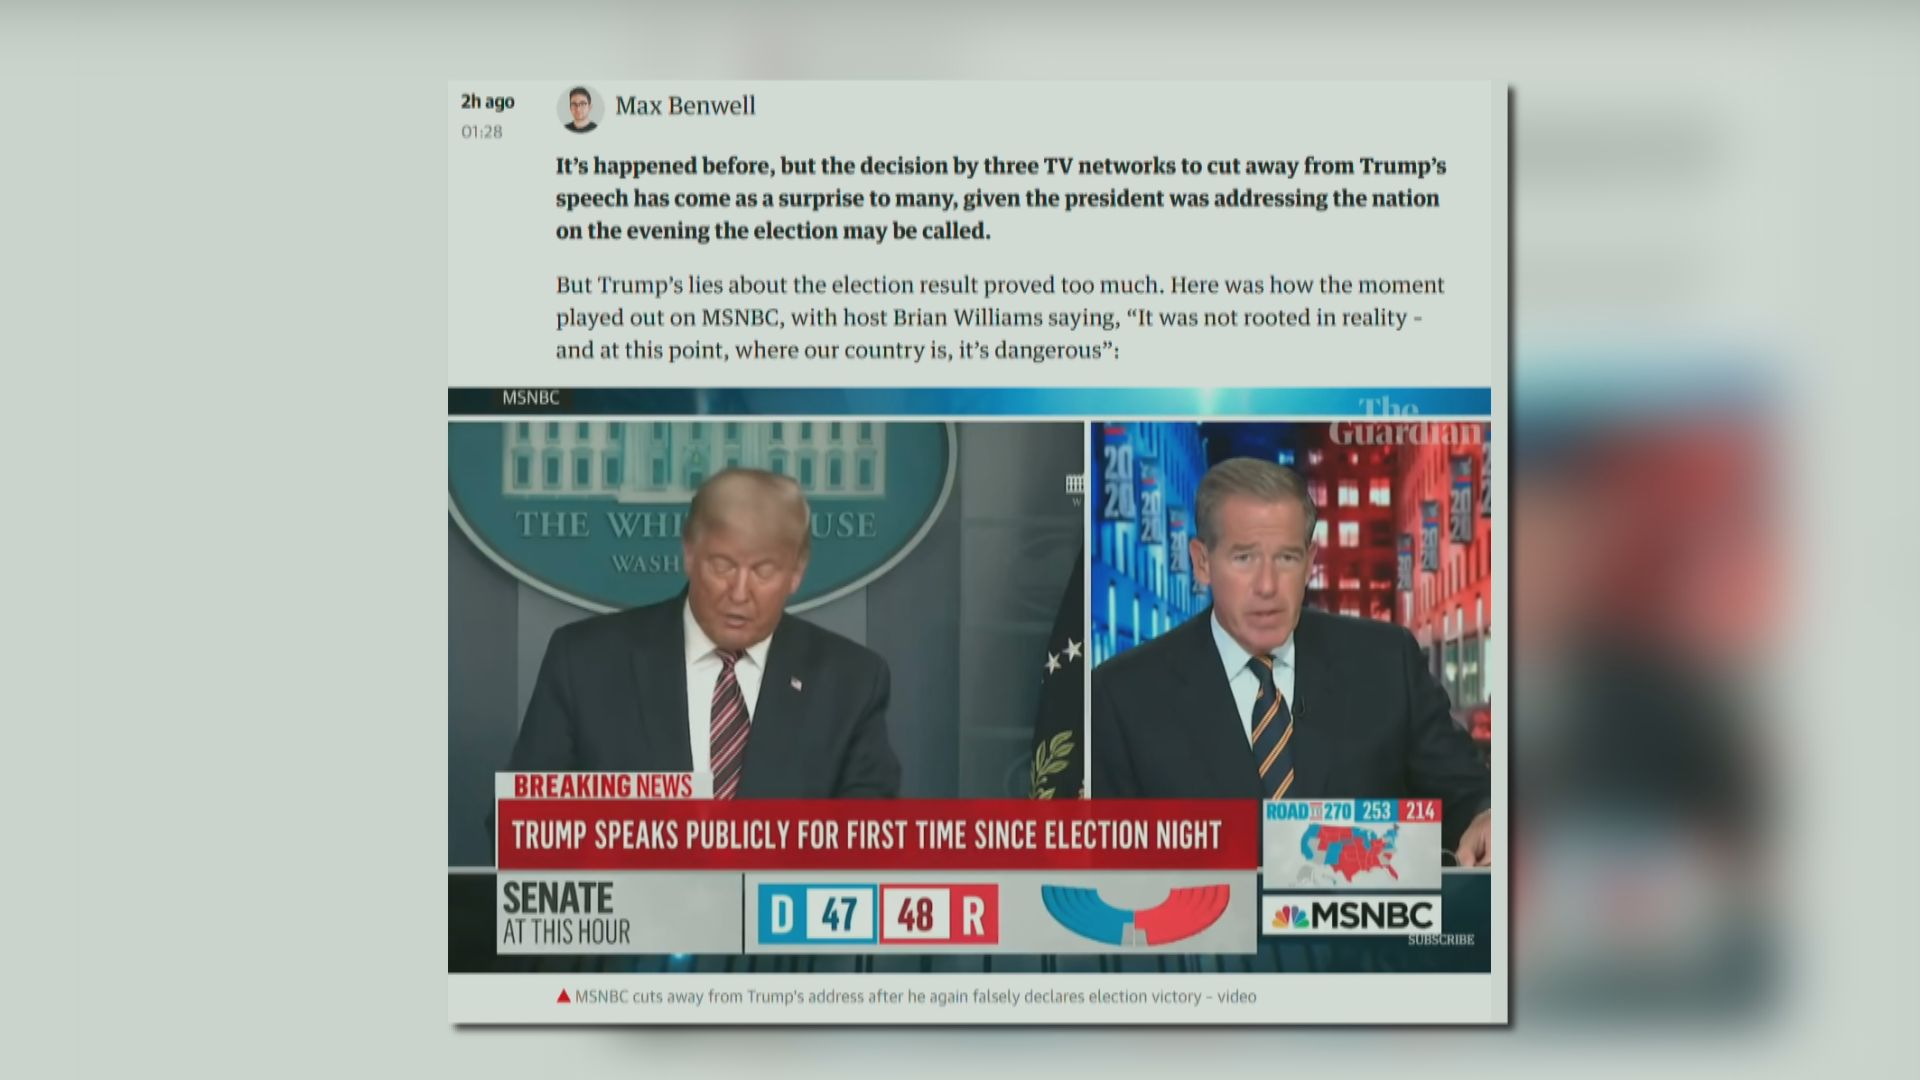 特朗普指控選舉有舞弊 多間電視台指言論不實中斷直播